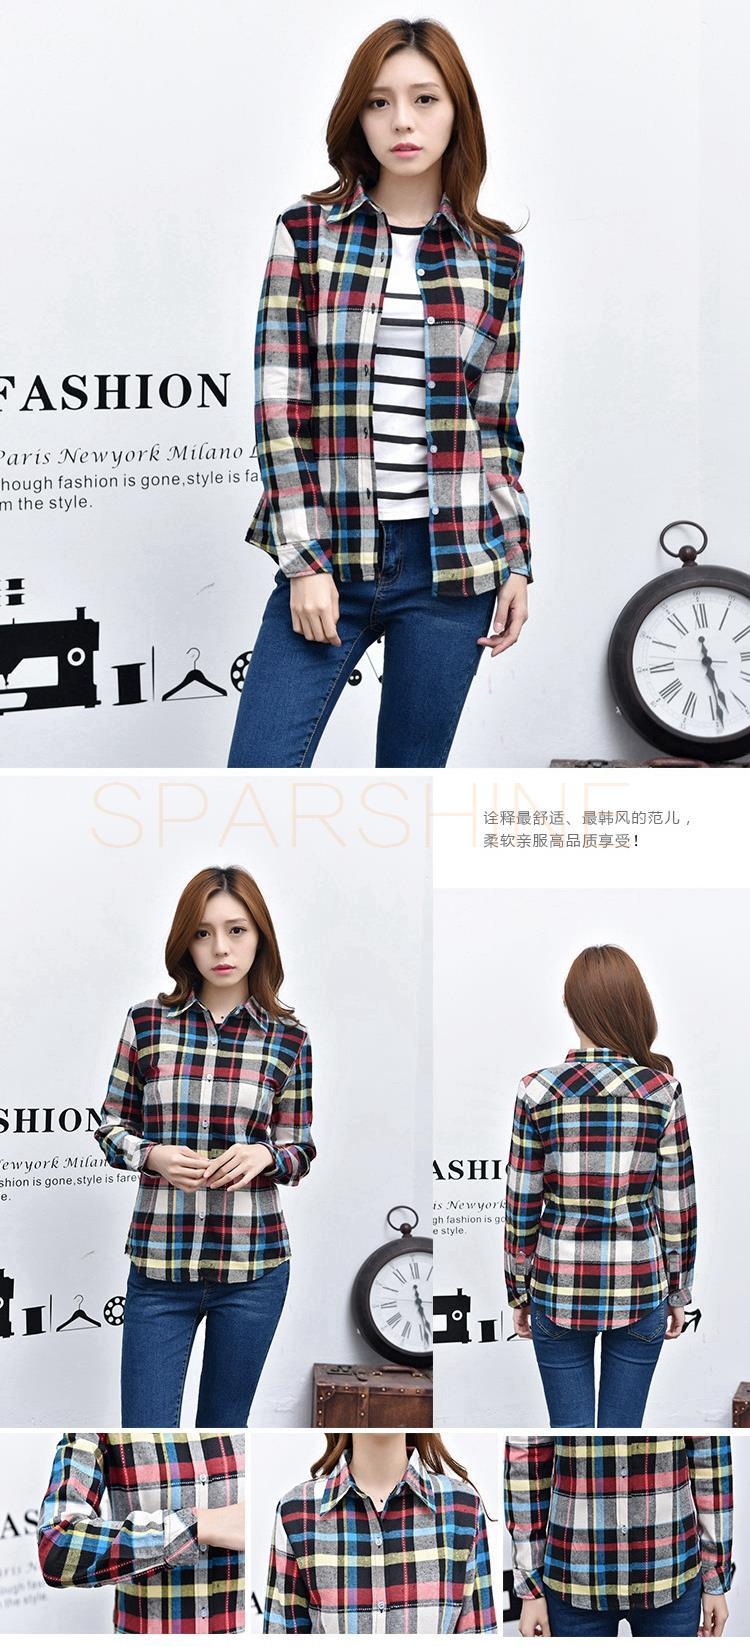 HTB1QUzgLFXXXXbBXVXXq6xXFXXXb - Girl's Plaid Flannel Shirt PTC 67